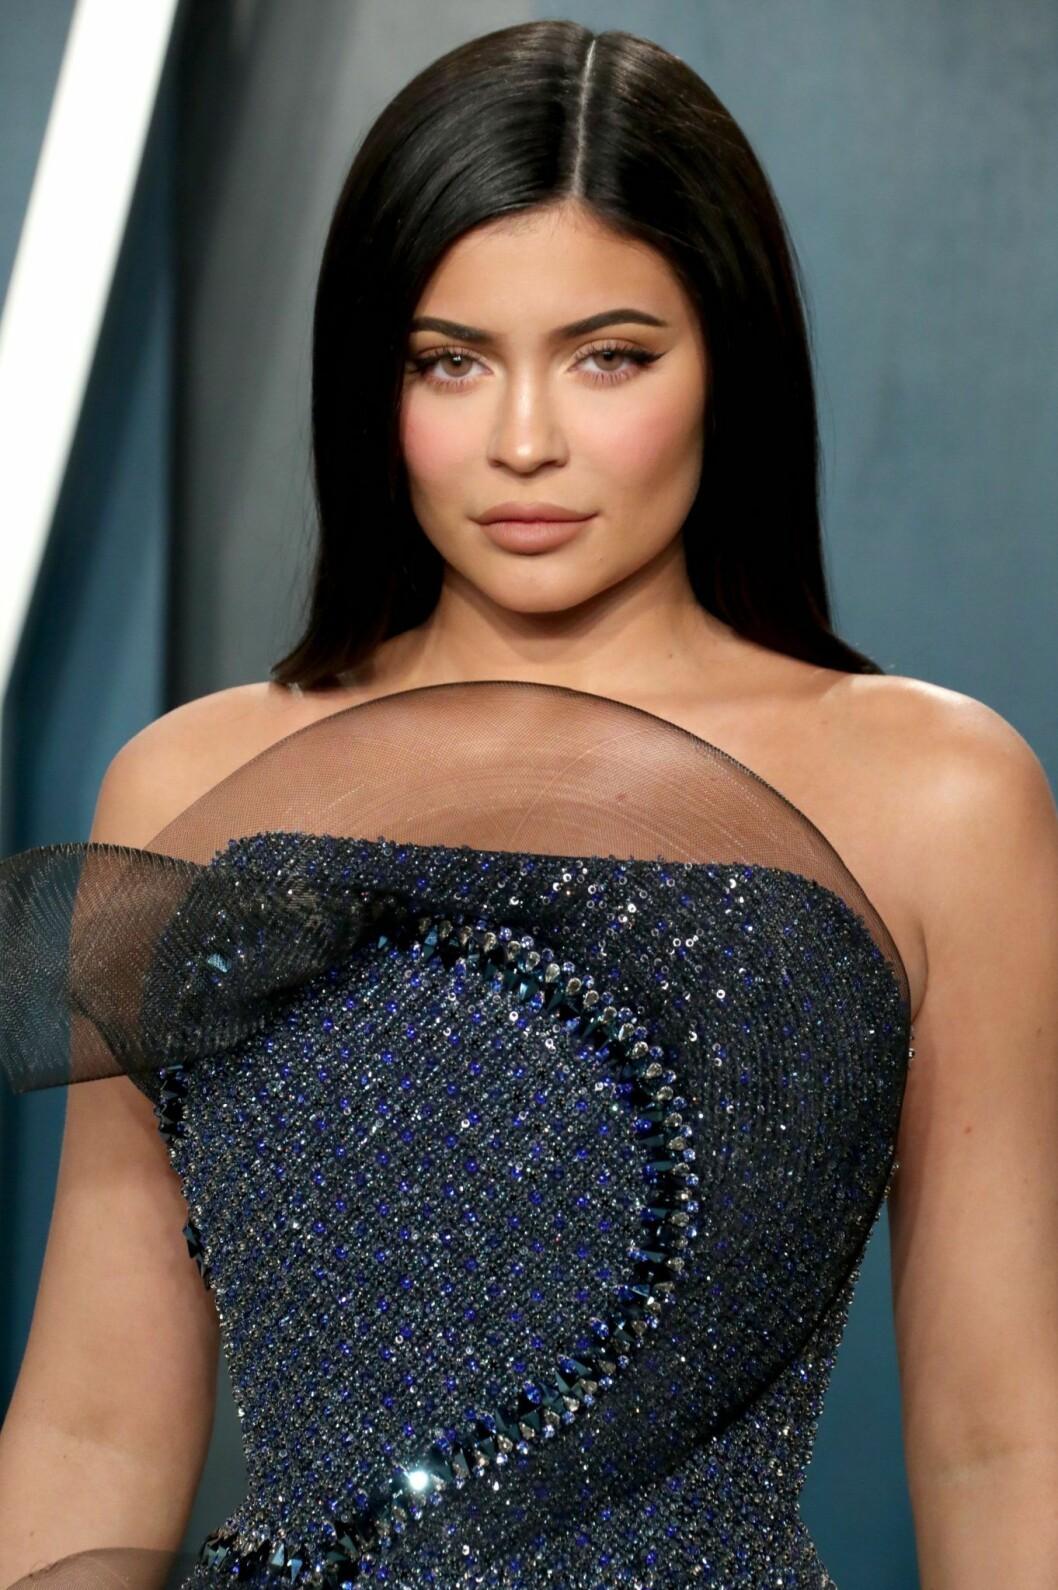 Kylie Jenner i mörkblå klänning